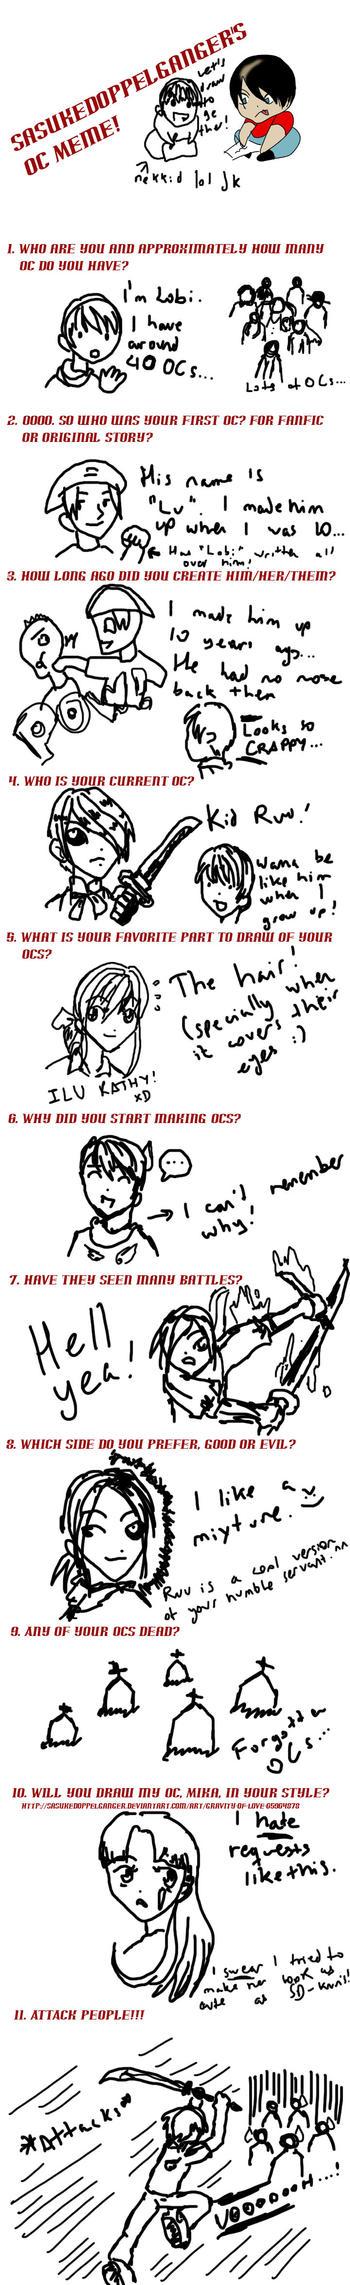 SasukeDoppelganger's OC Meme by Haohmaru77